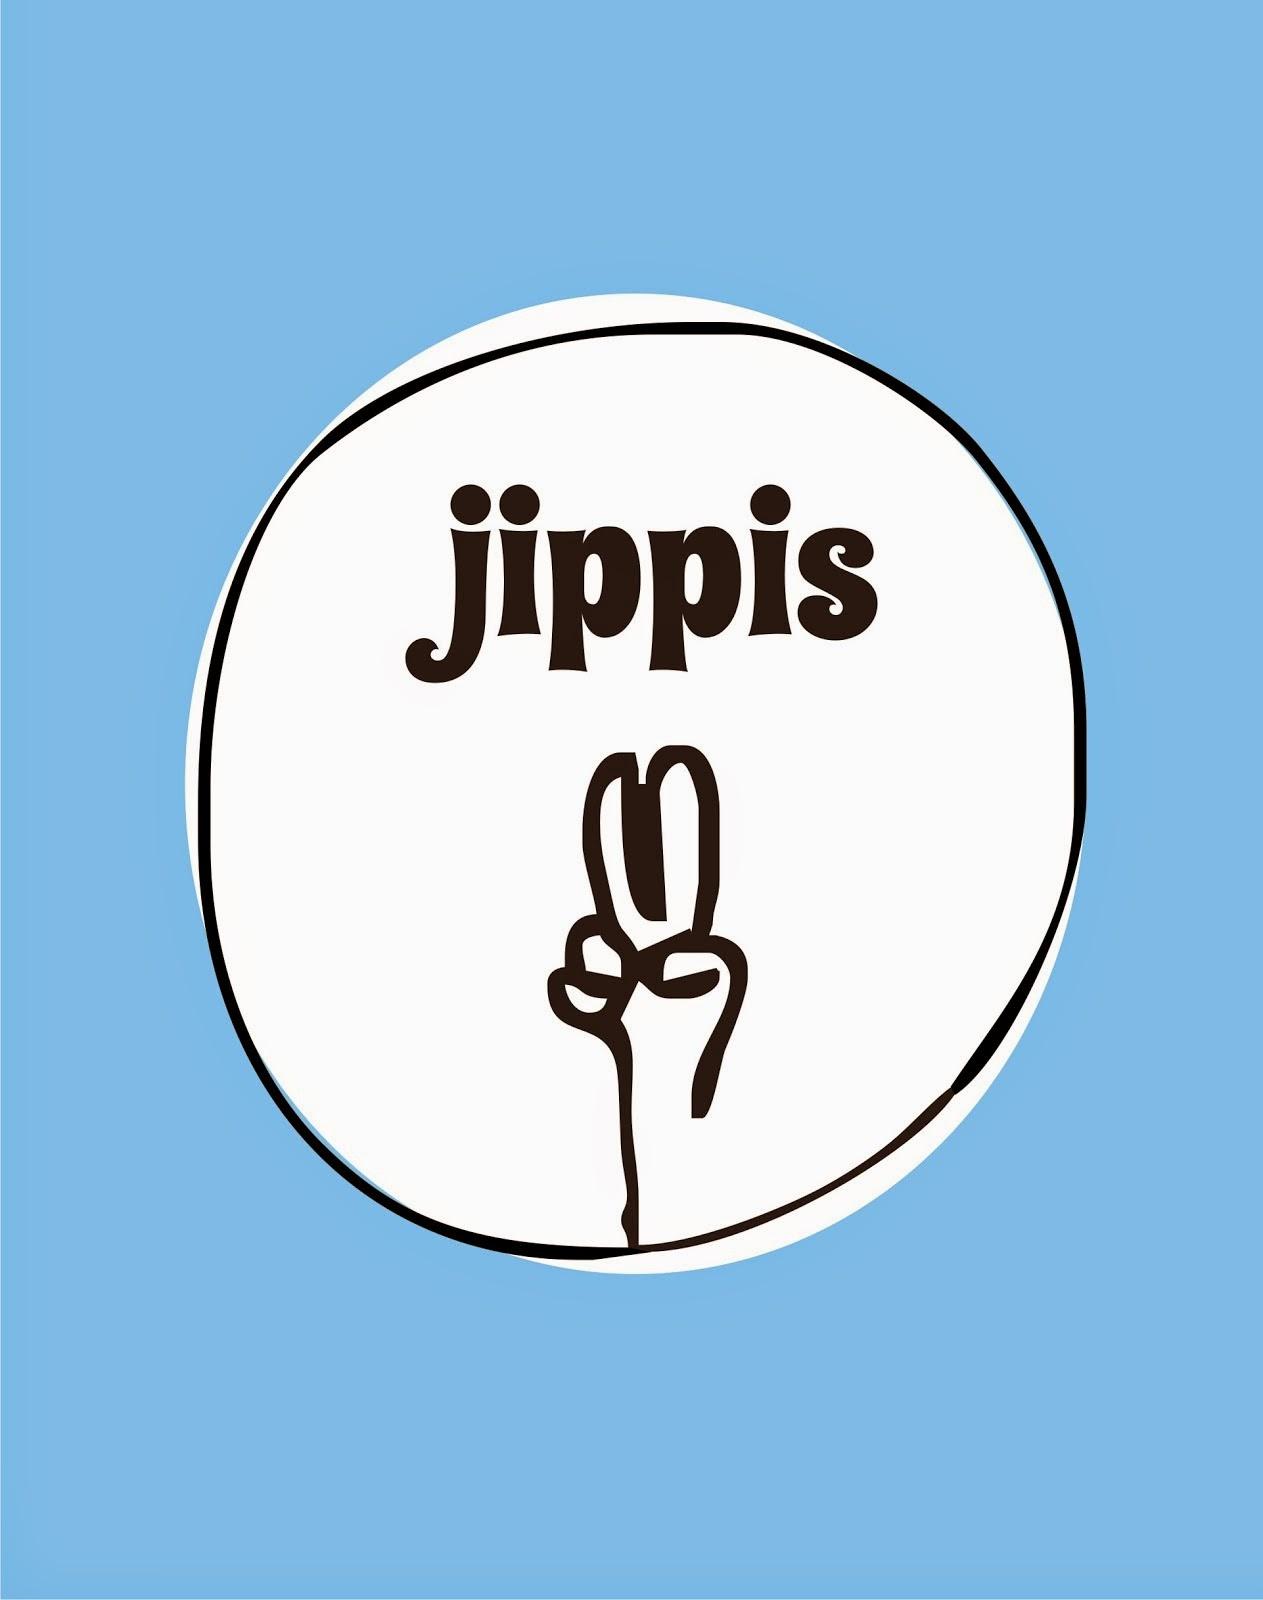 Jippis #BLAwards